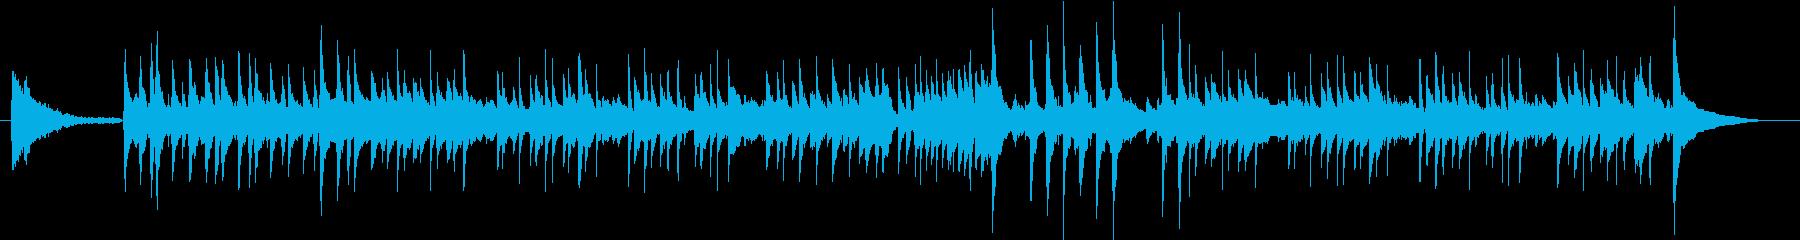 【ハワイ】ウクレレとギターが癒しのハワイの再生済みの波形